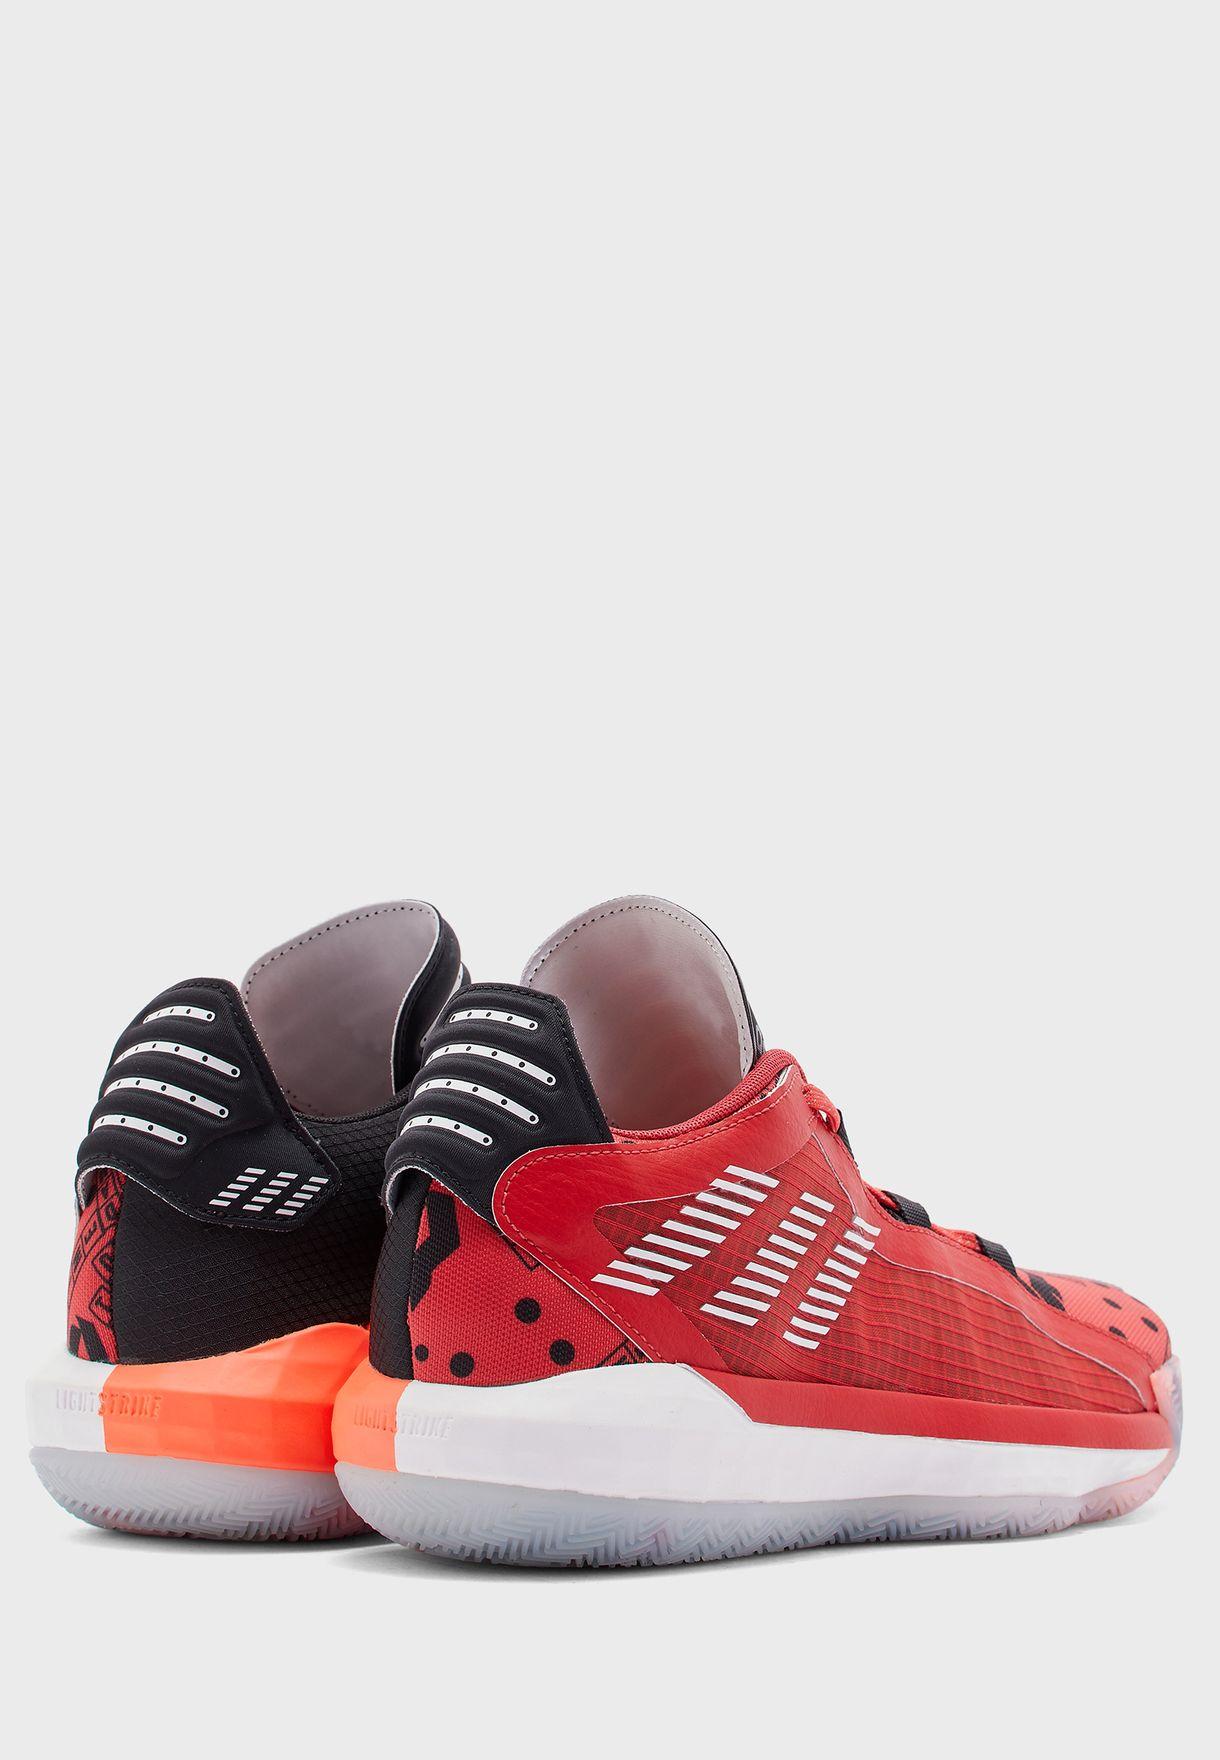 حذاء من مجموعة أديداس x داميان ليليارد